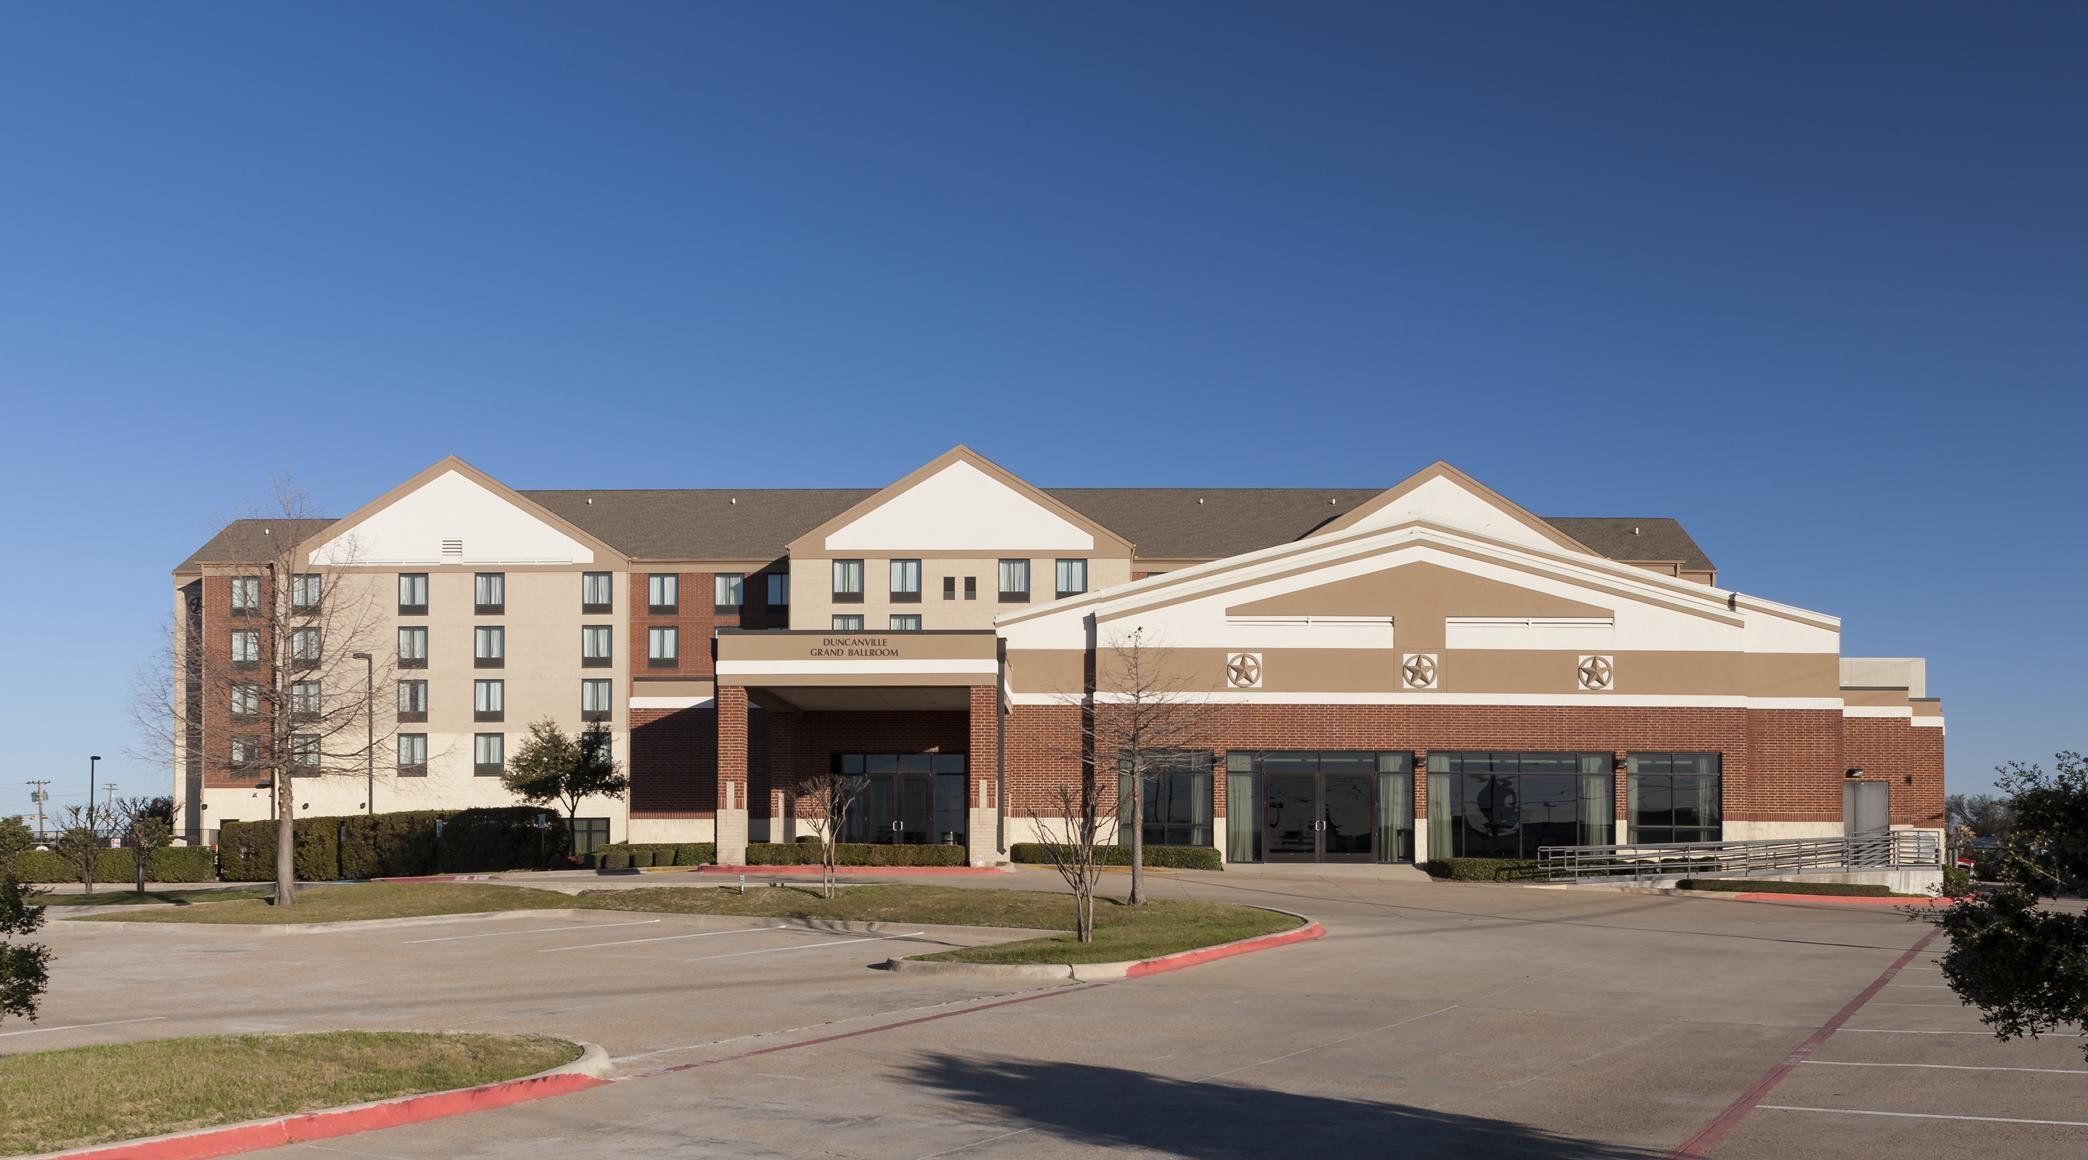 Hilton garden inn dallas duncanville duncanville texas tx for Hilton garden inn dallas texas